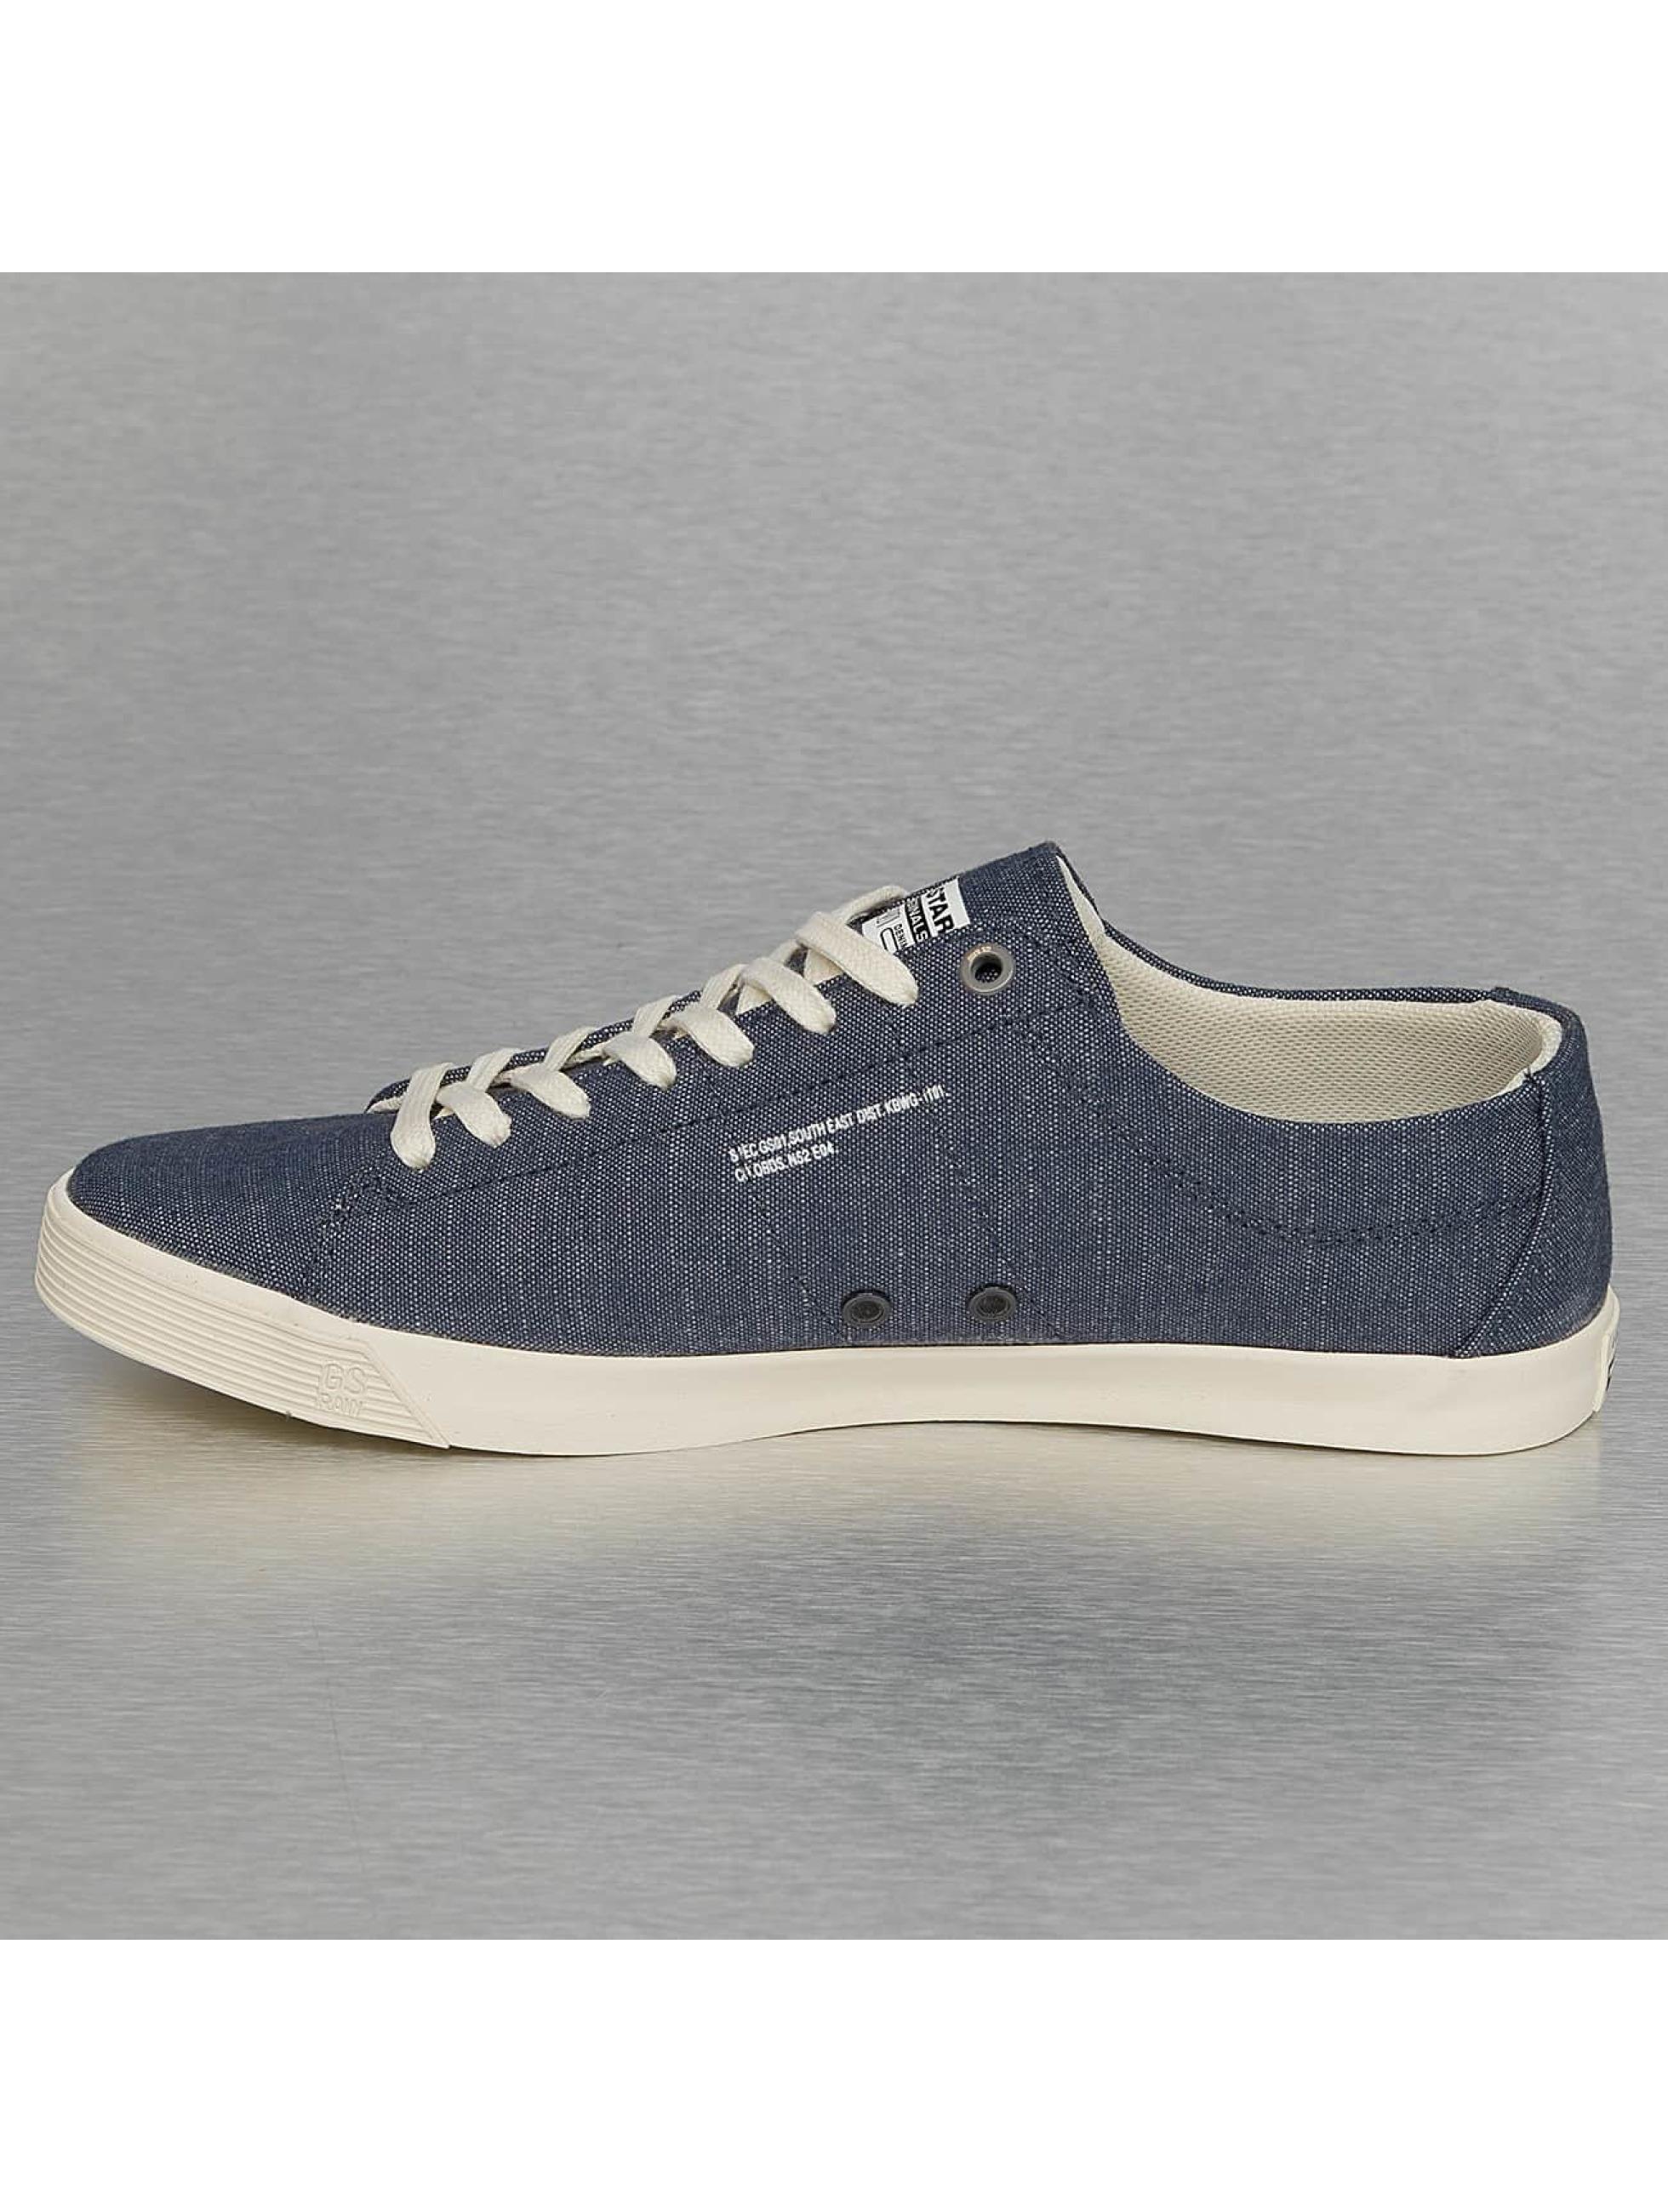 G-Star Footwear sneaker Dex grijs